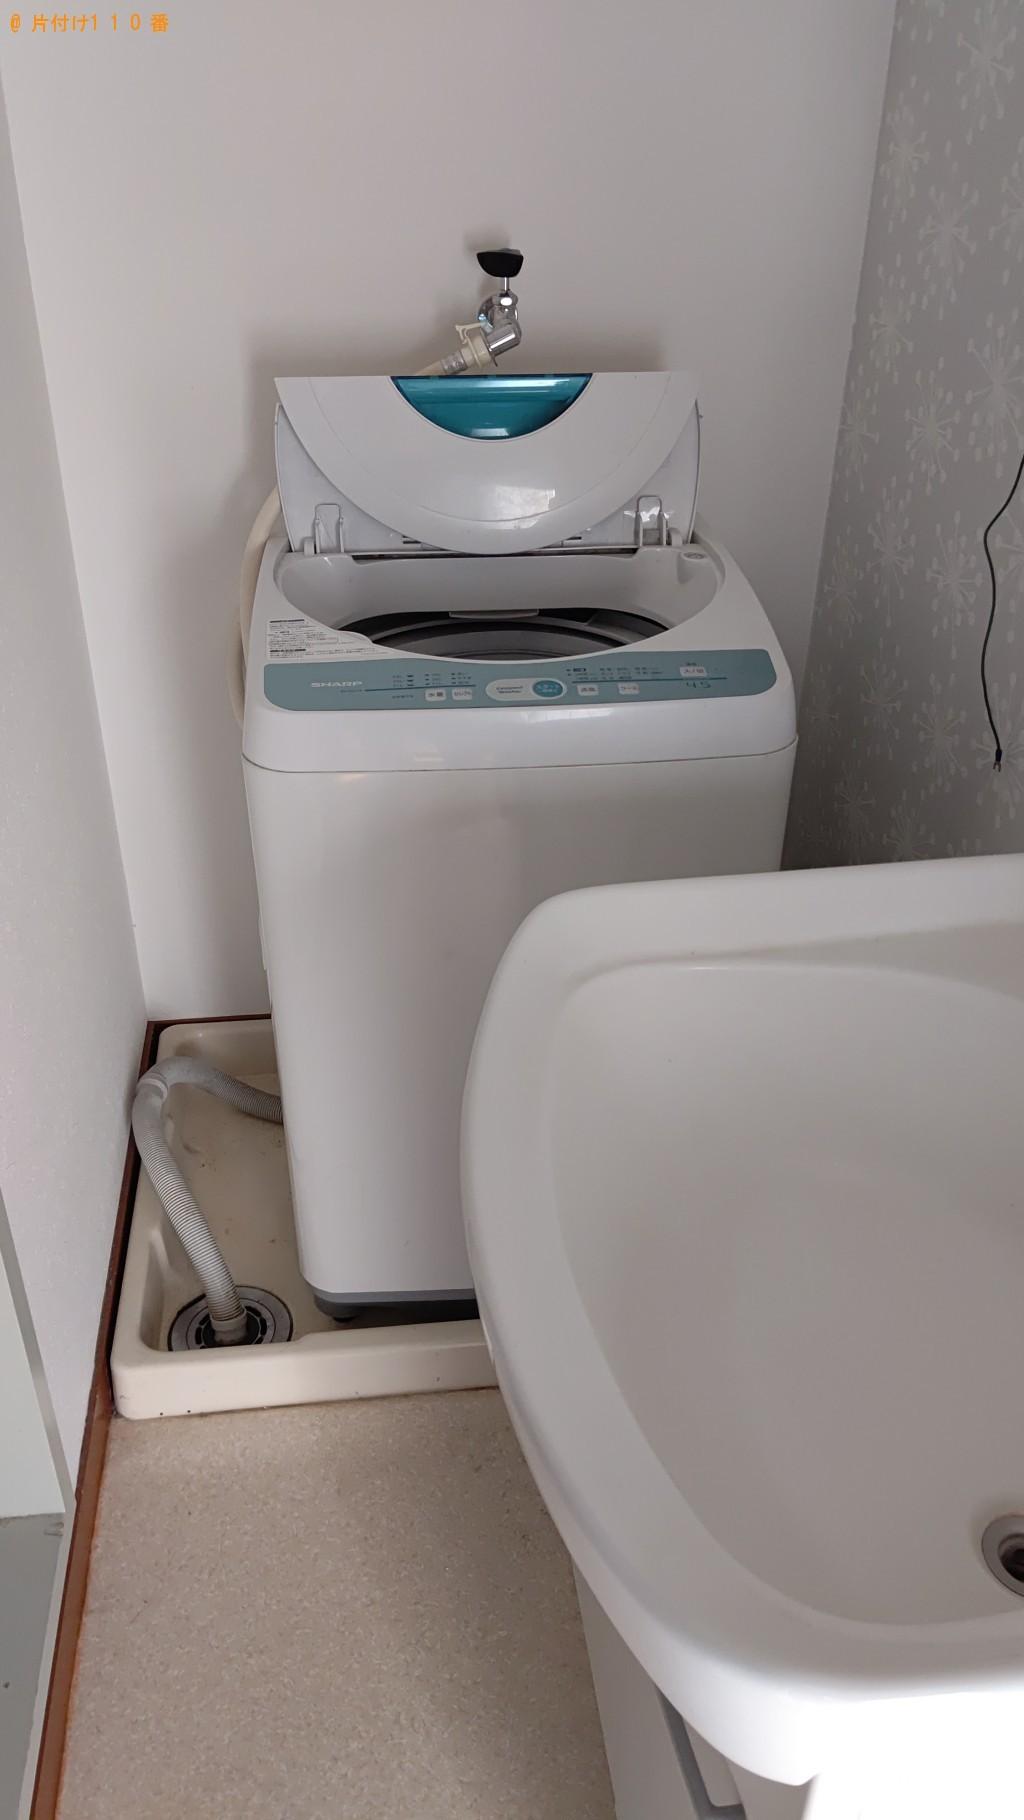 【名寄市】冷蔵庫、洗濯機、ガスコンロの回収・処分ご依頼